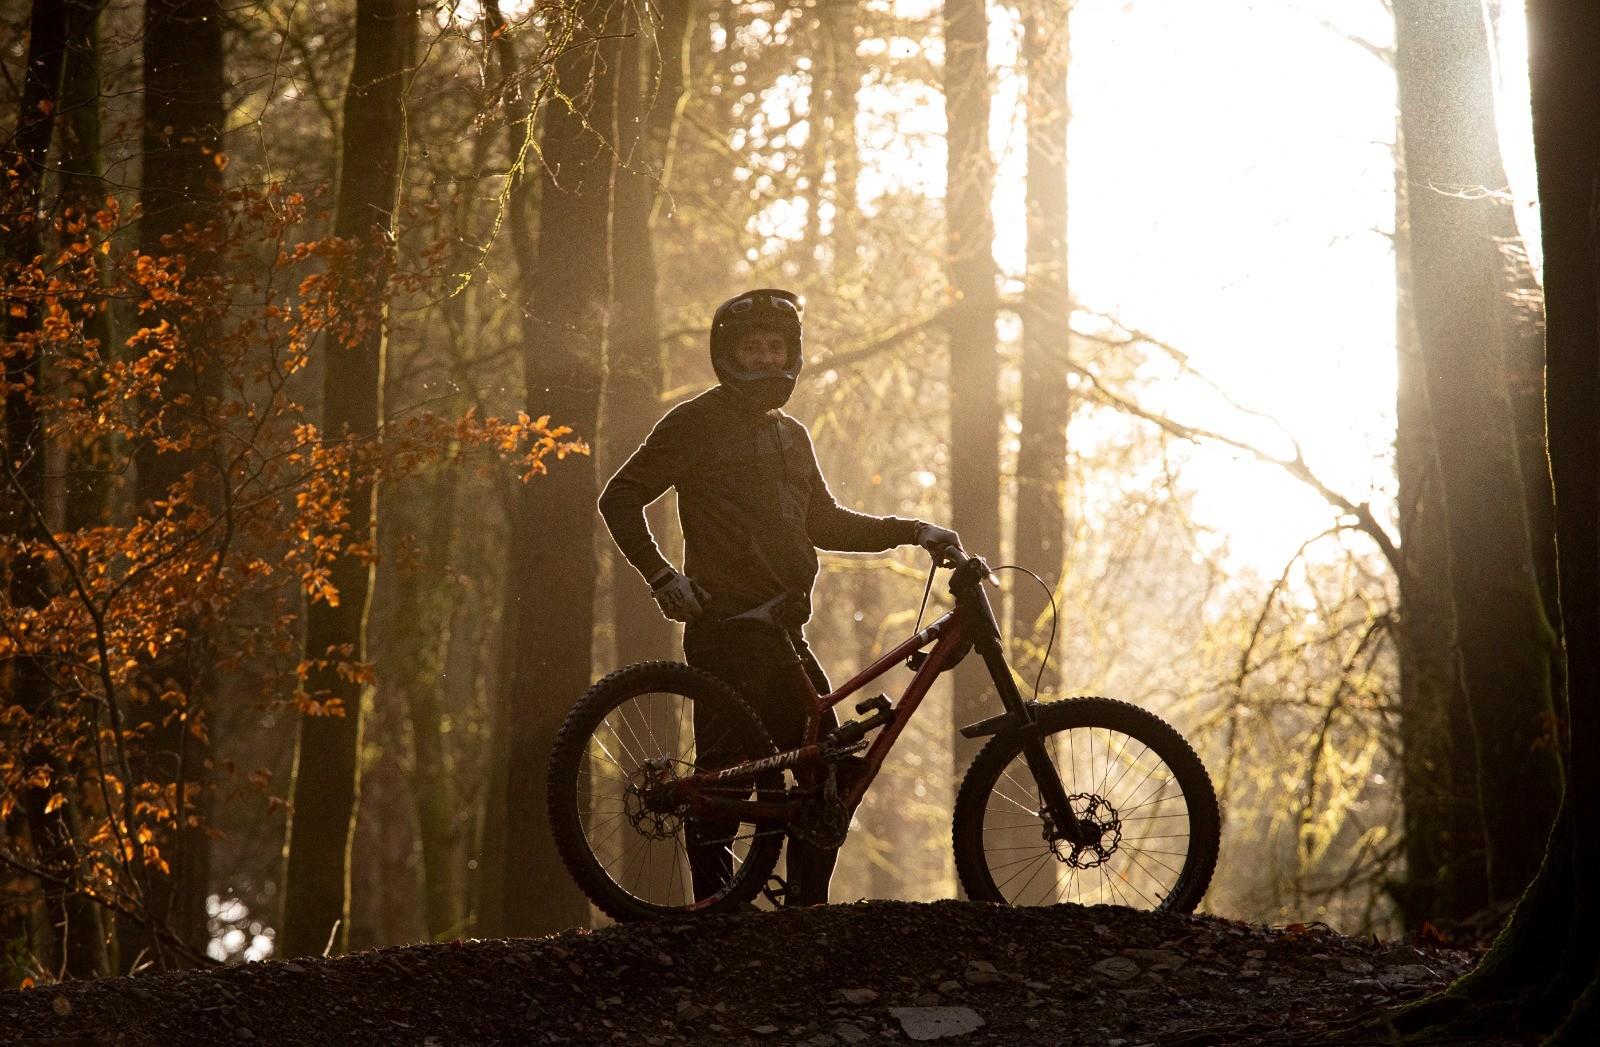 BAE0BD03-A8A3-49A1-9878-BCF01E408726 - martin dunn - Mountain Biking Pictures - Vital MTB